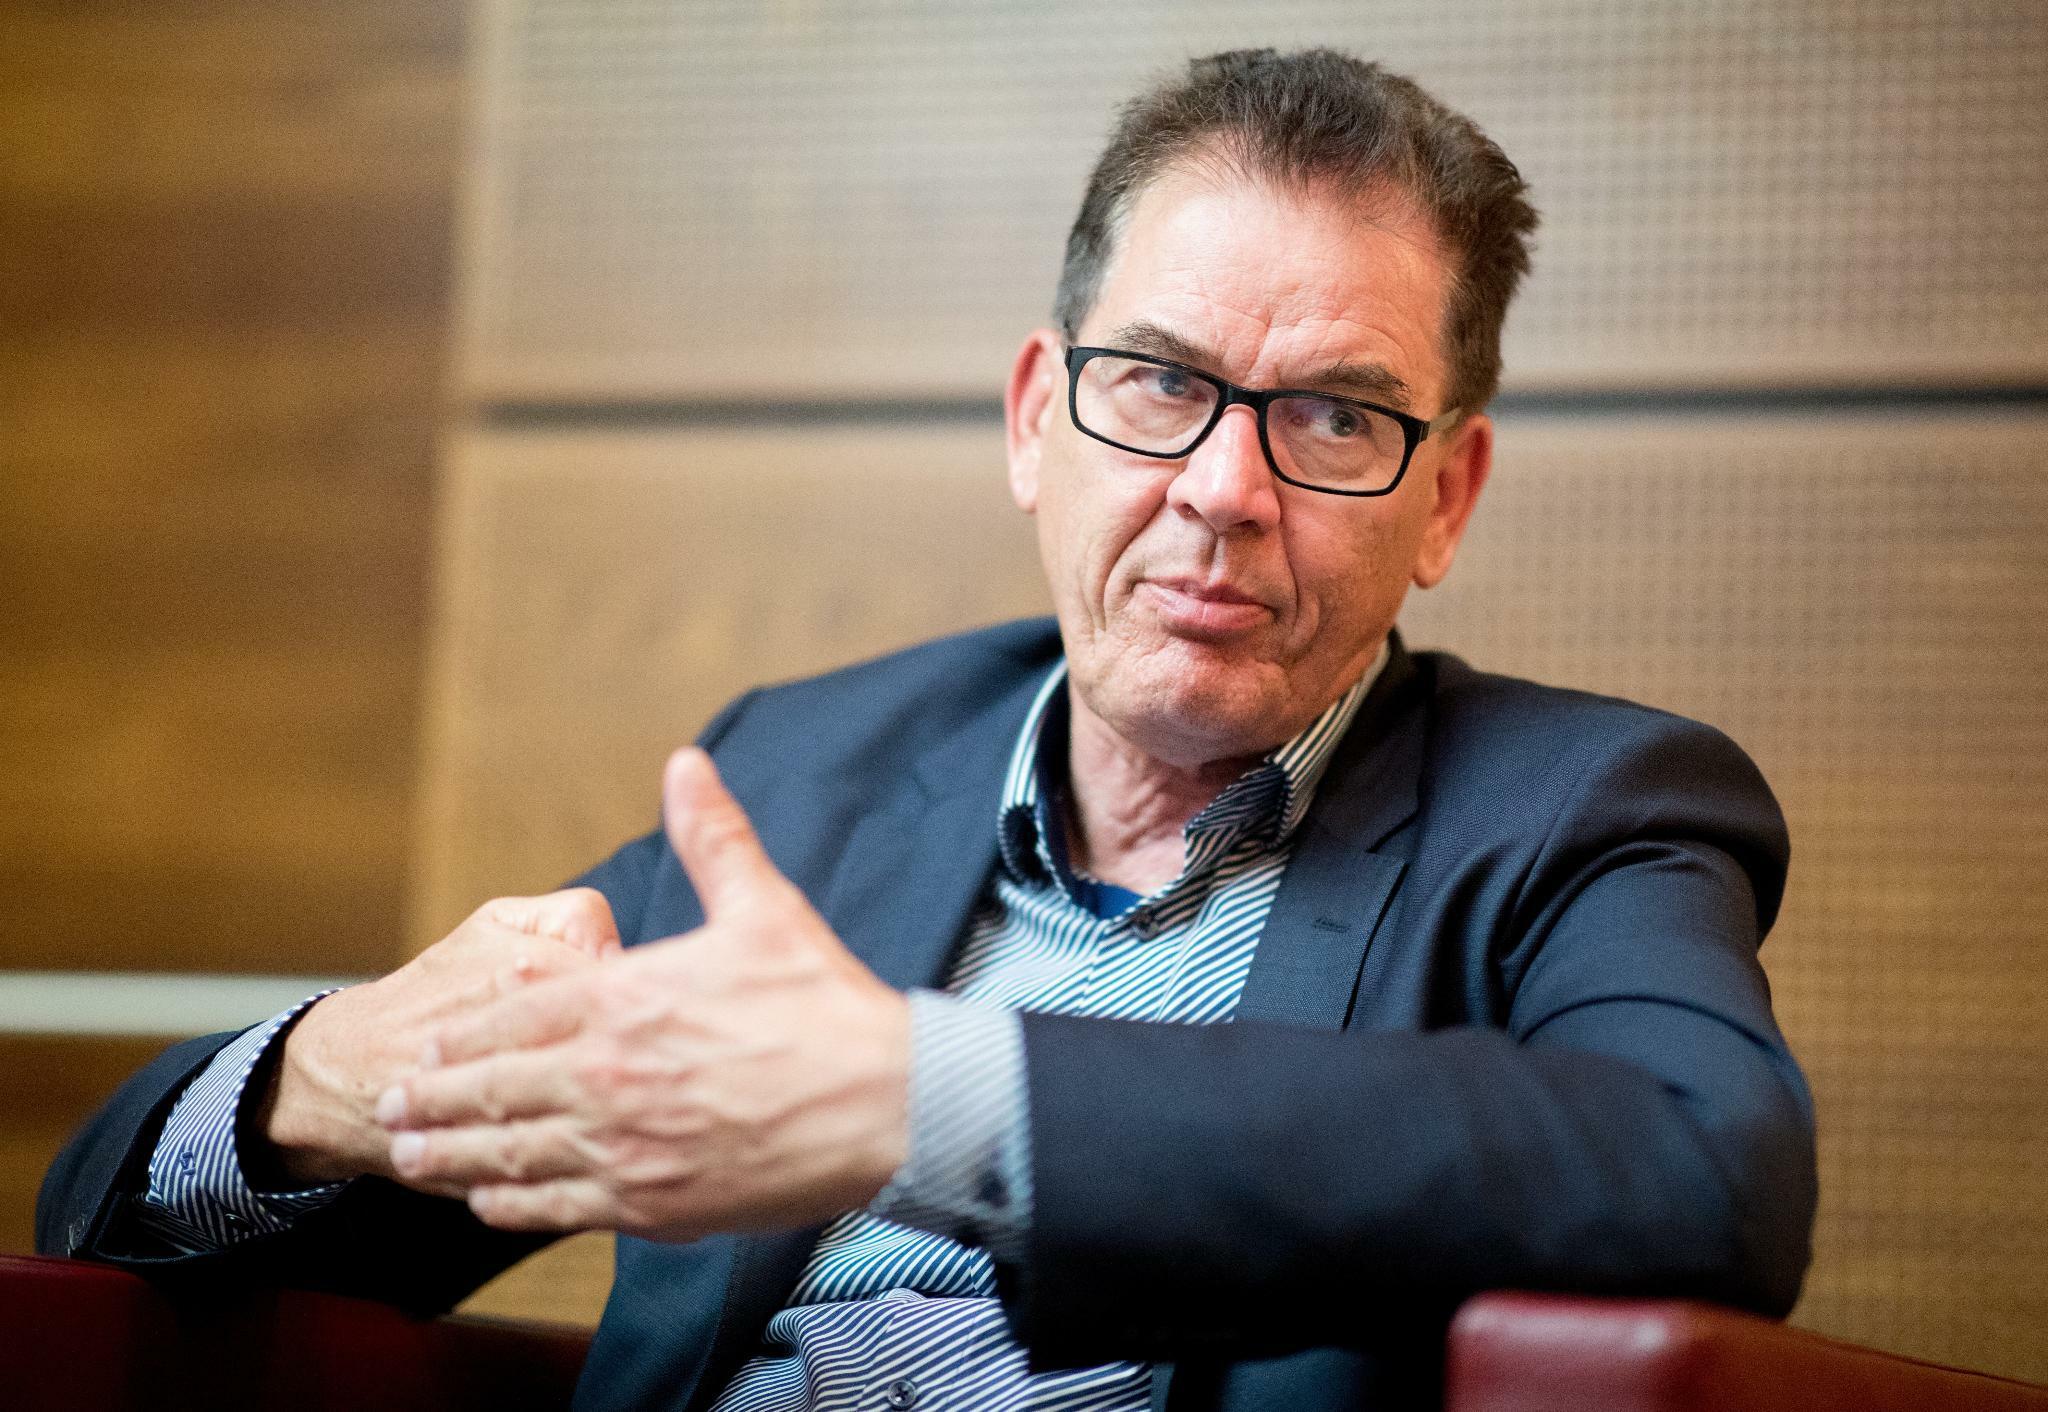 Muller Wir Haben Es Mit Einem Globalen Notstand Zu Tun